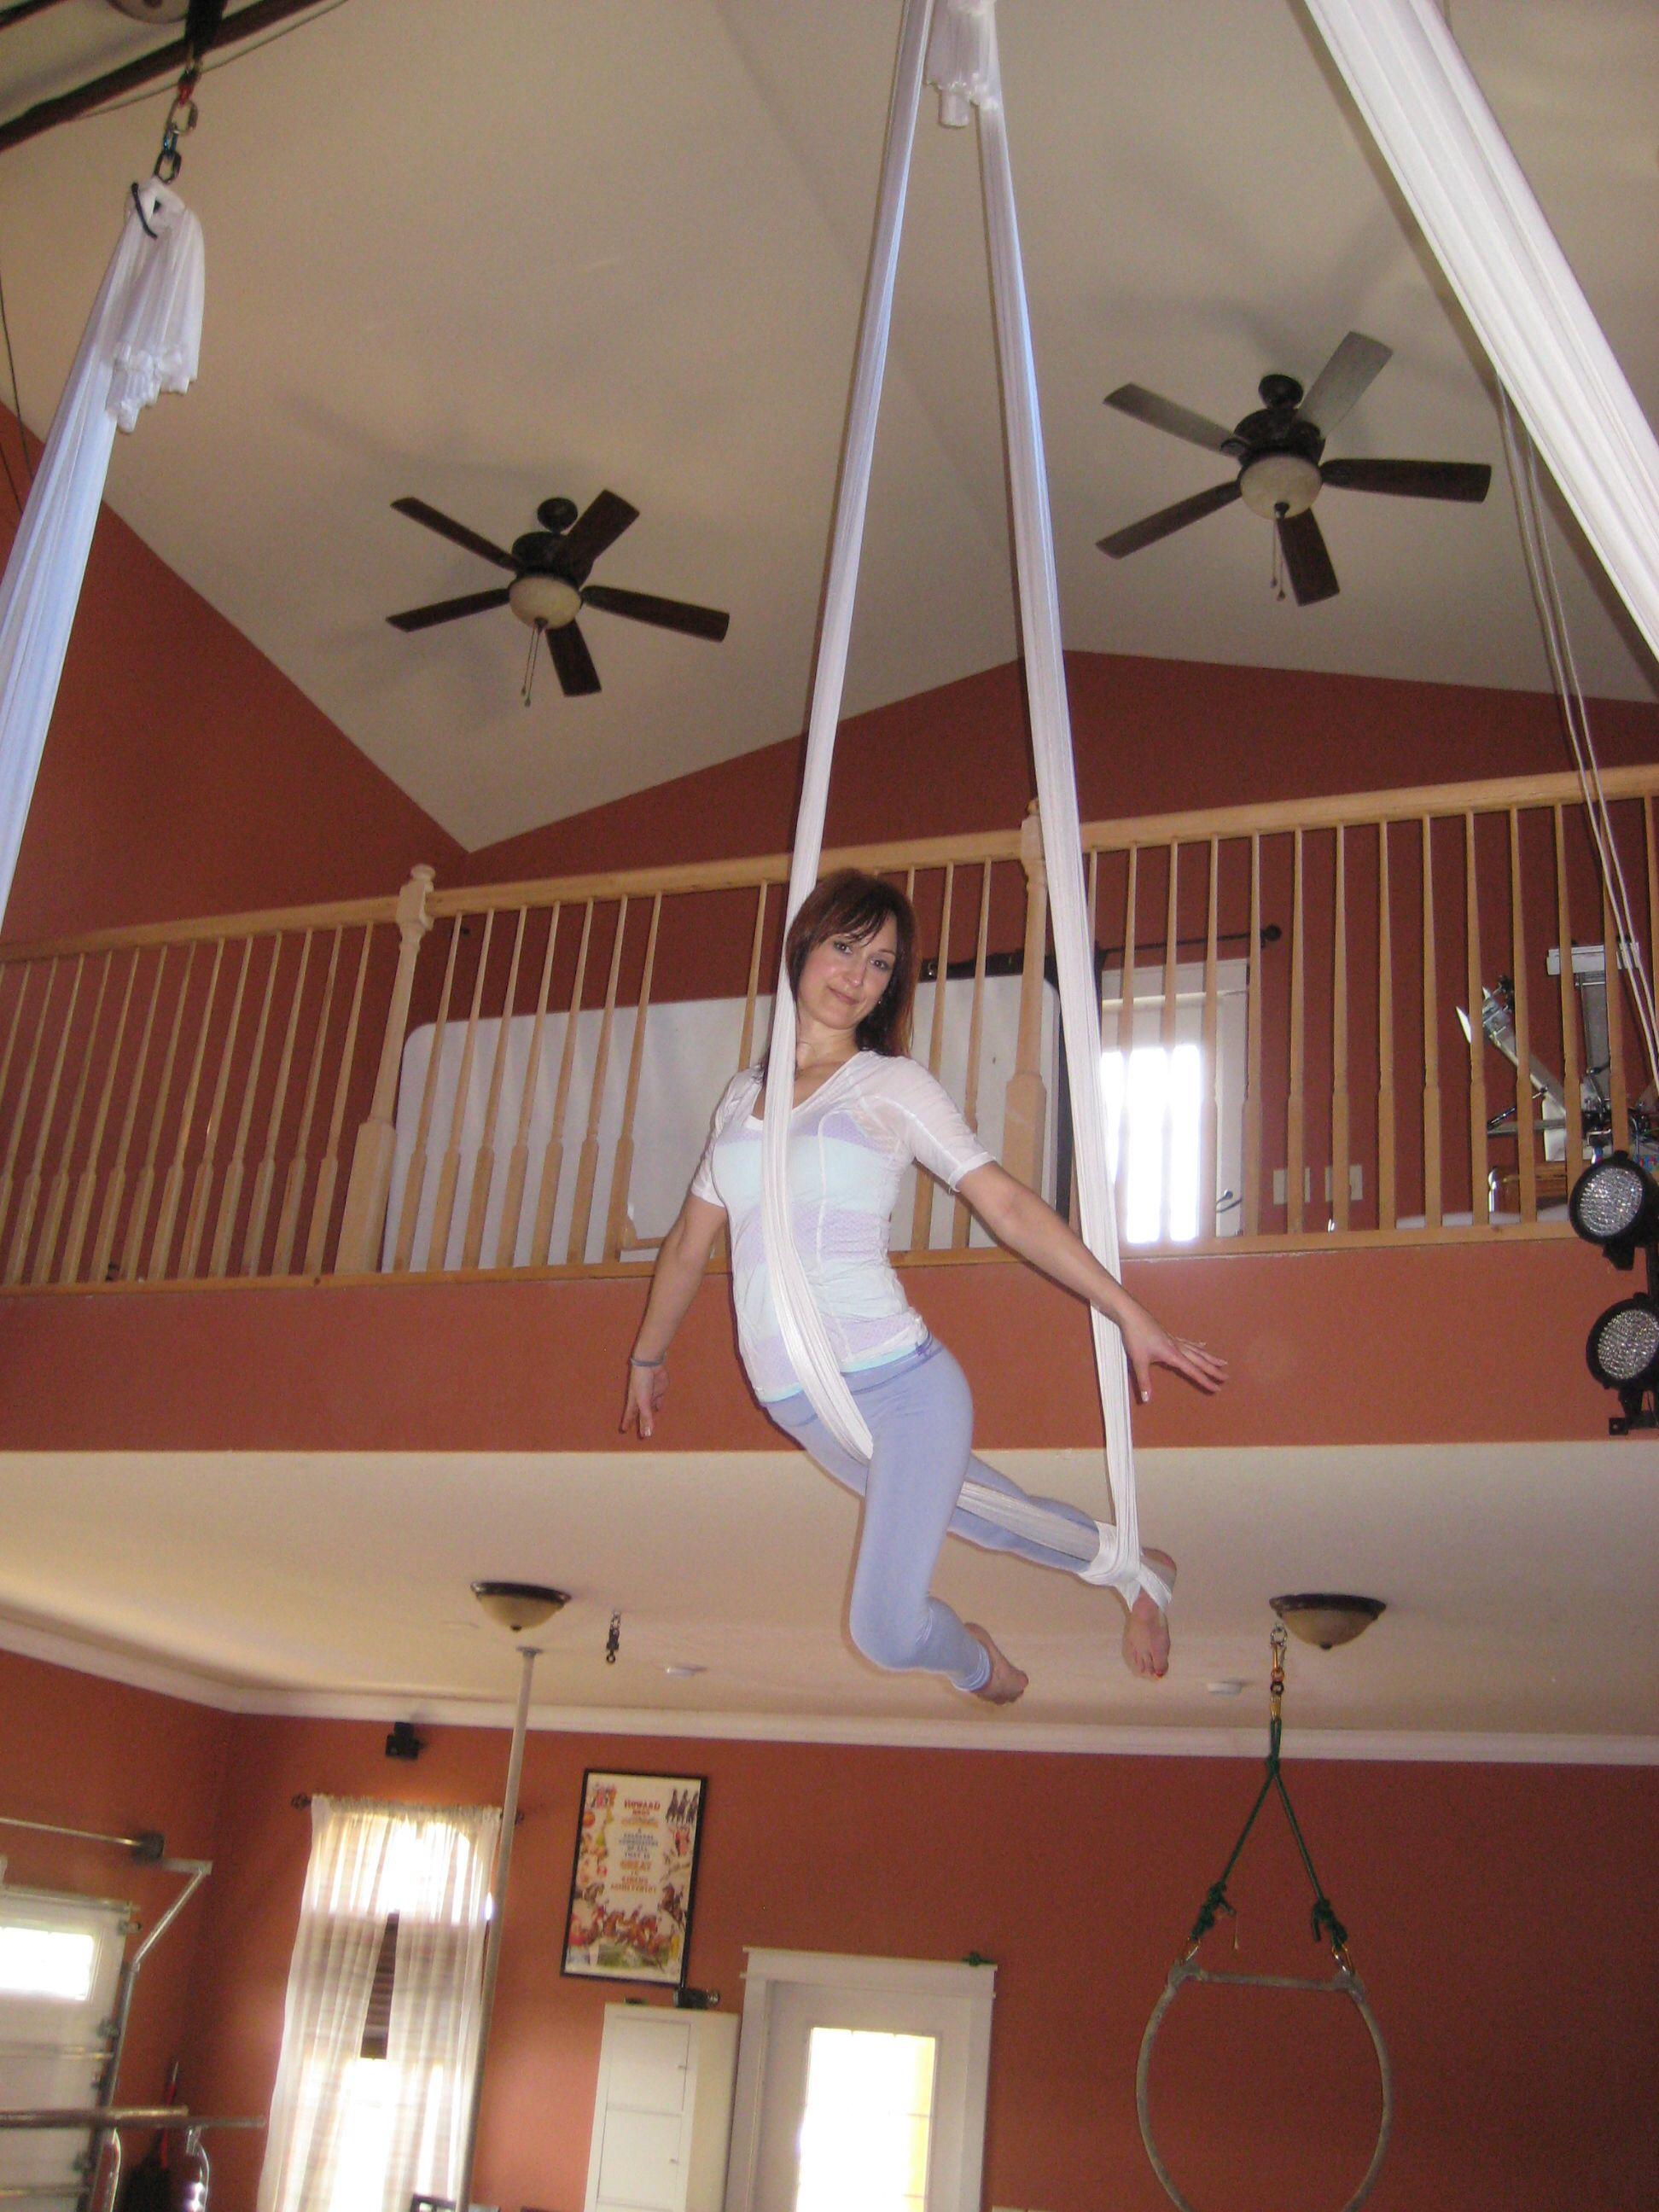 Cirque de soleil aerial yoga workout aerial